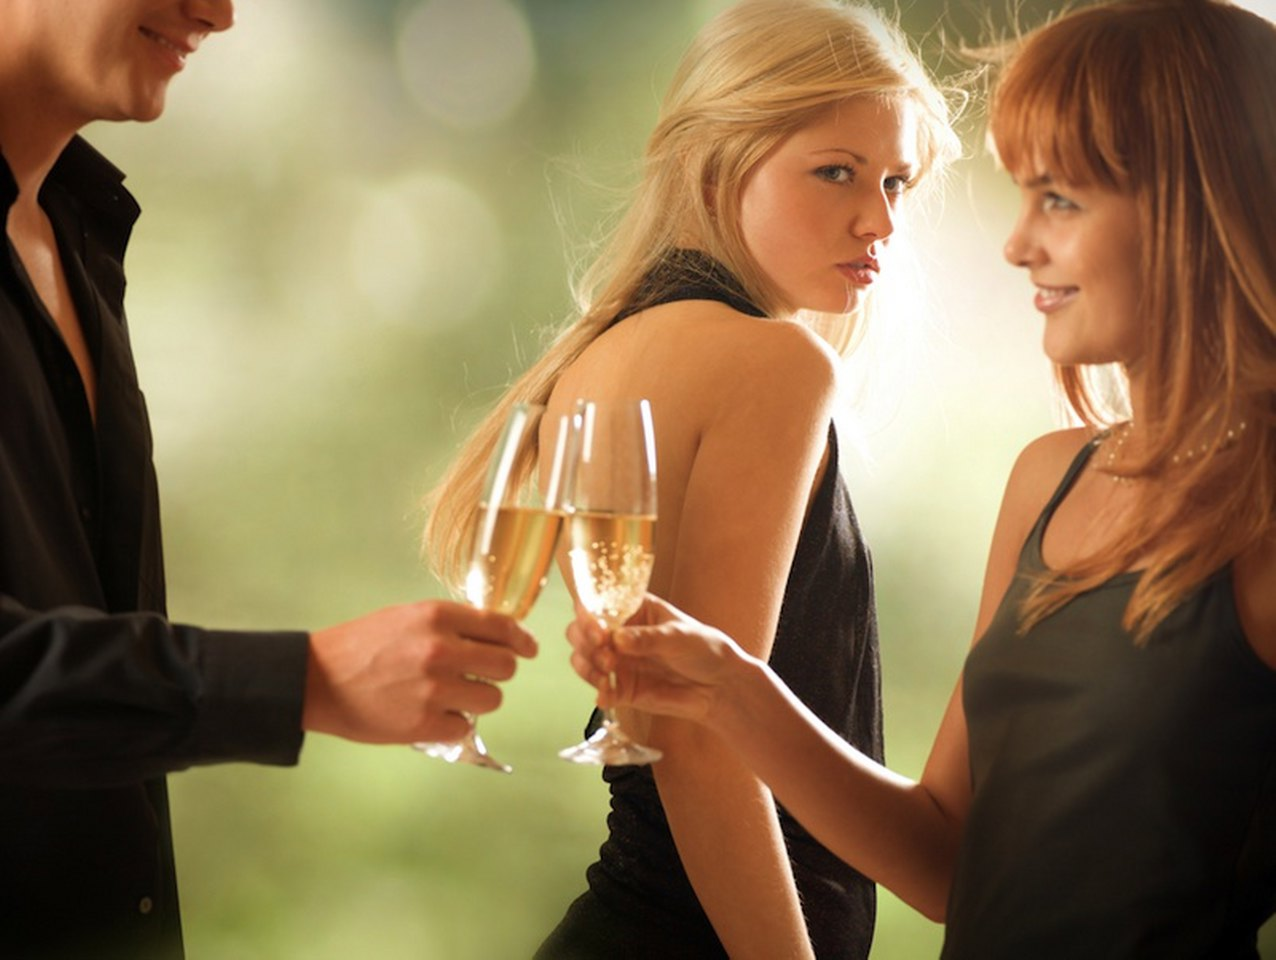 как узнать будет ли парень твоим мужем клапан распылителя